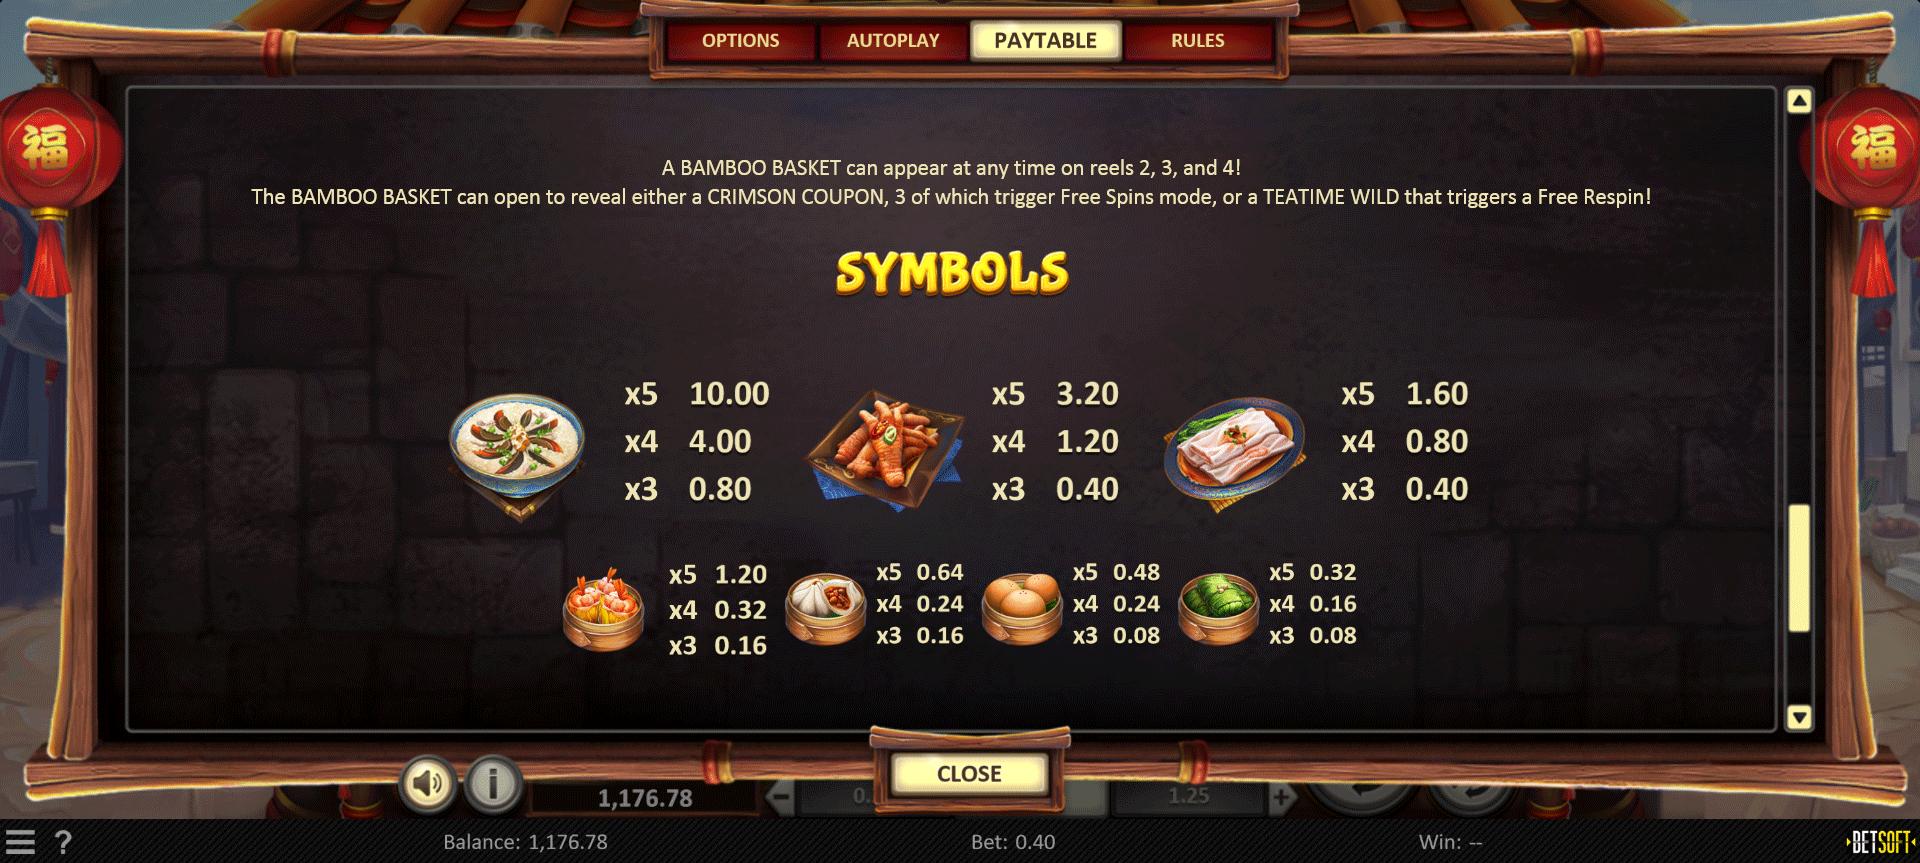 paytable della slot machine dim sum prize